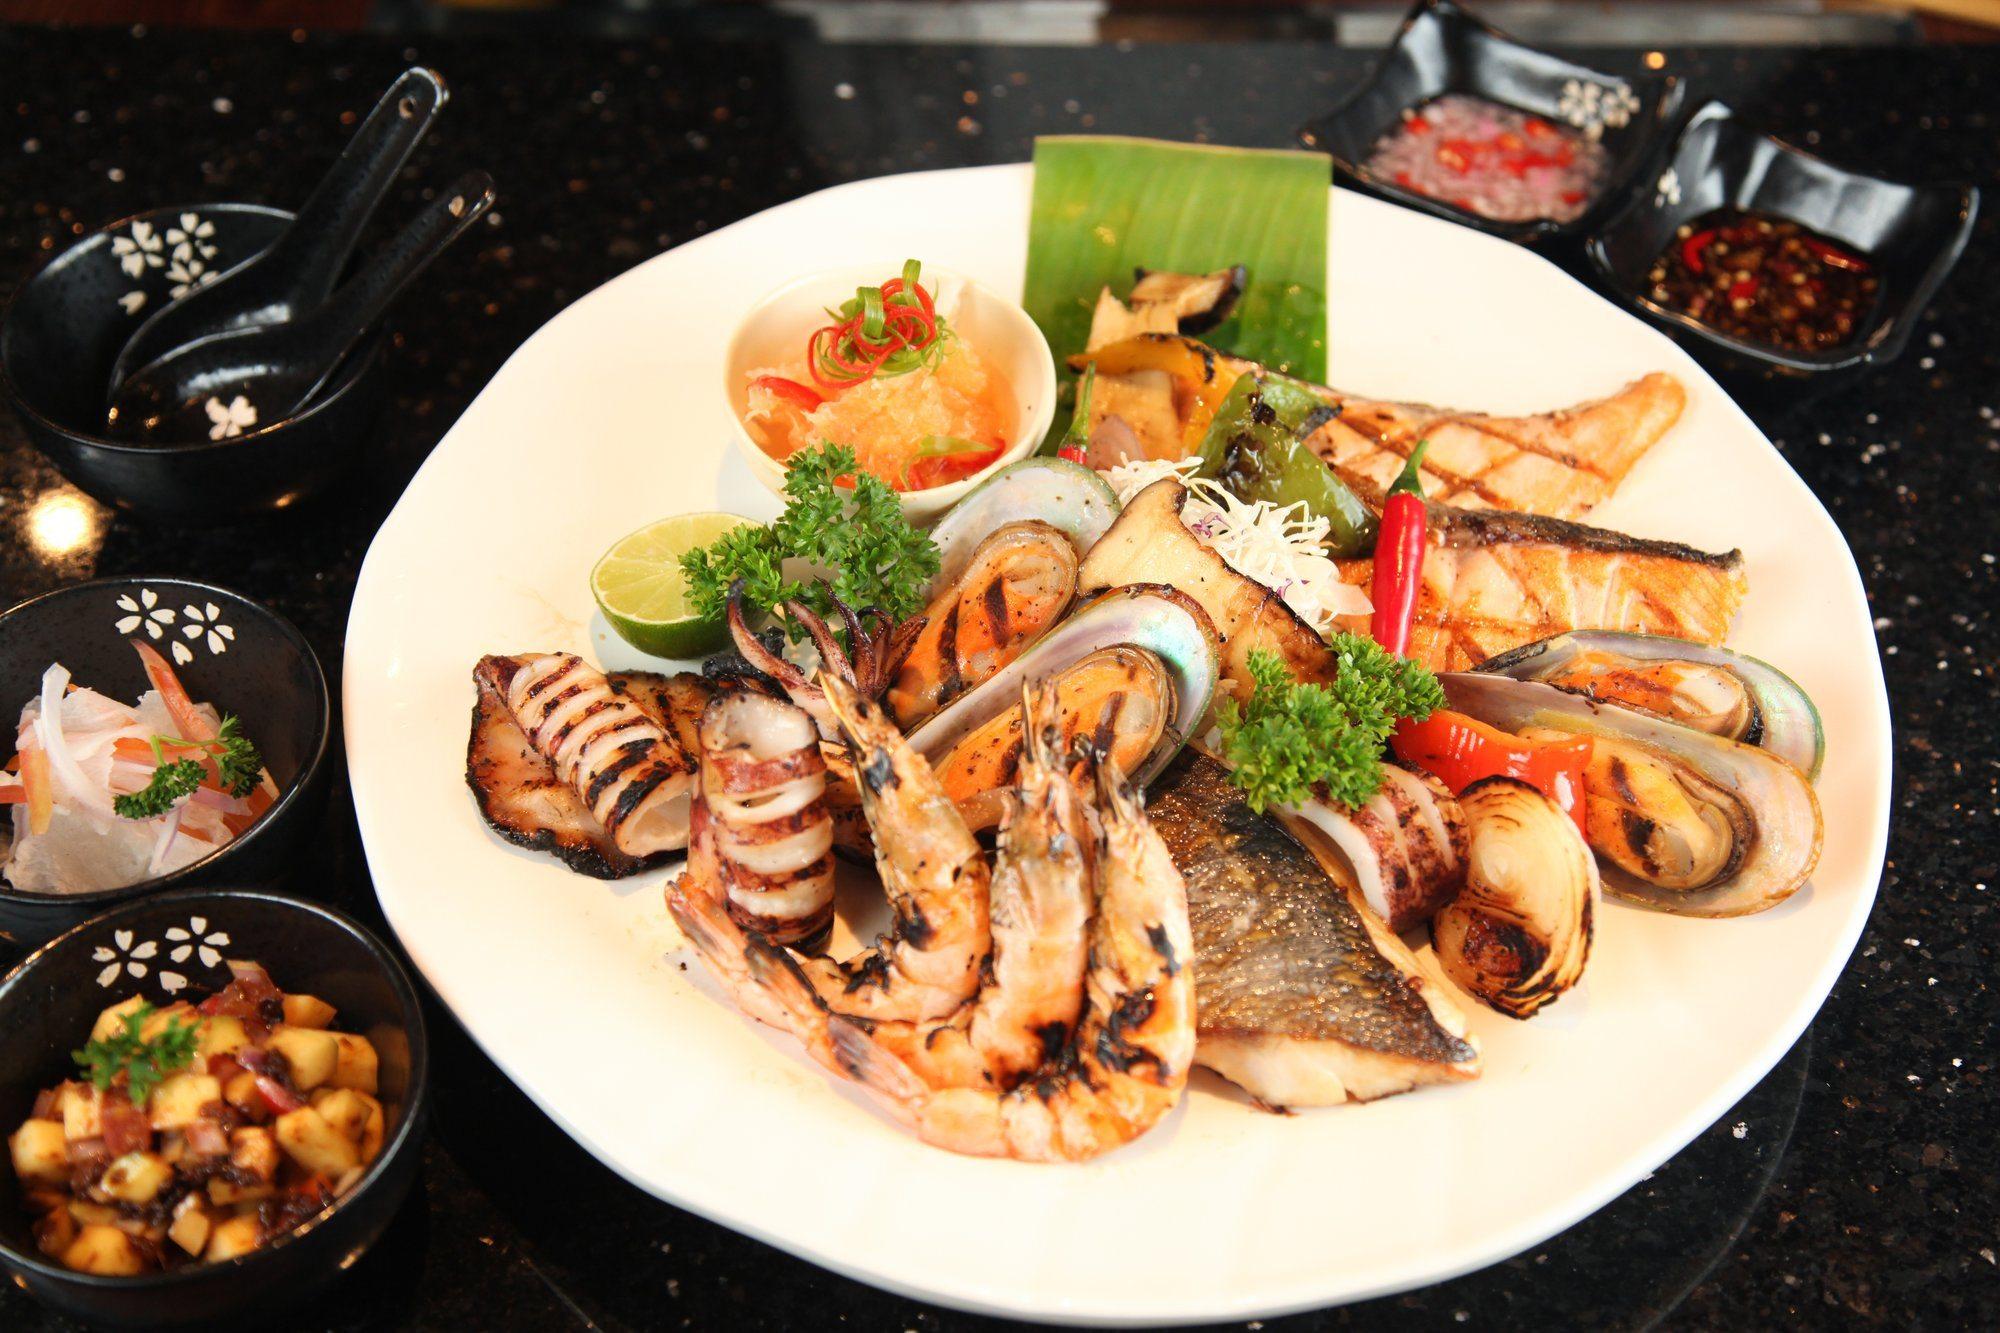 The Best Restaurants in Dikwella